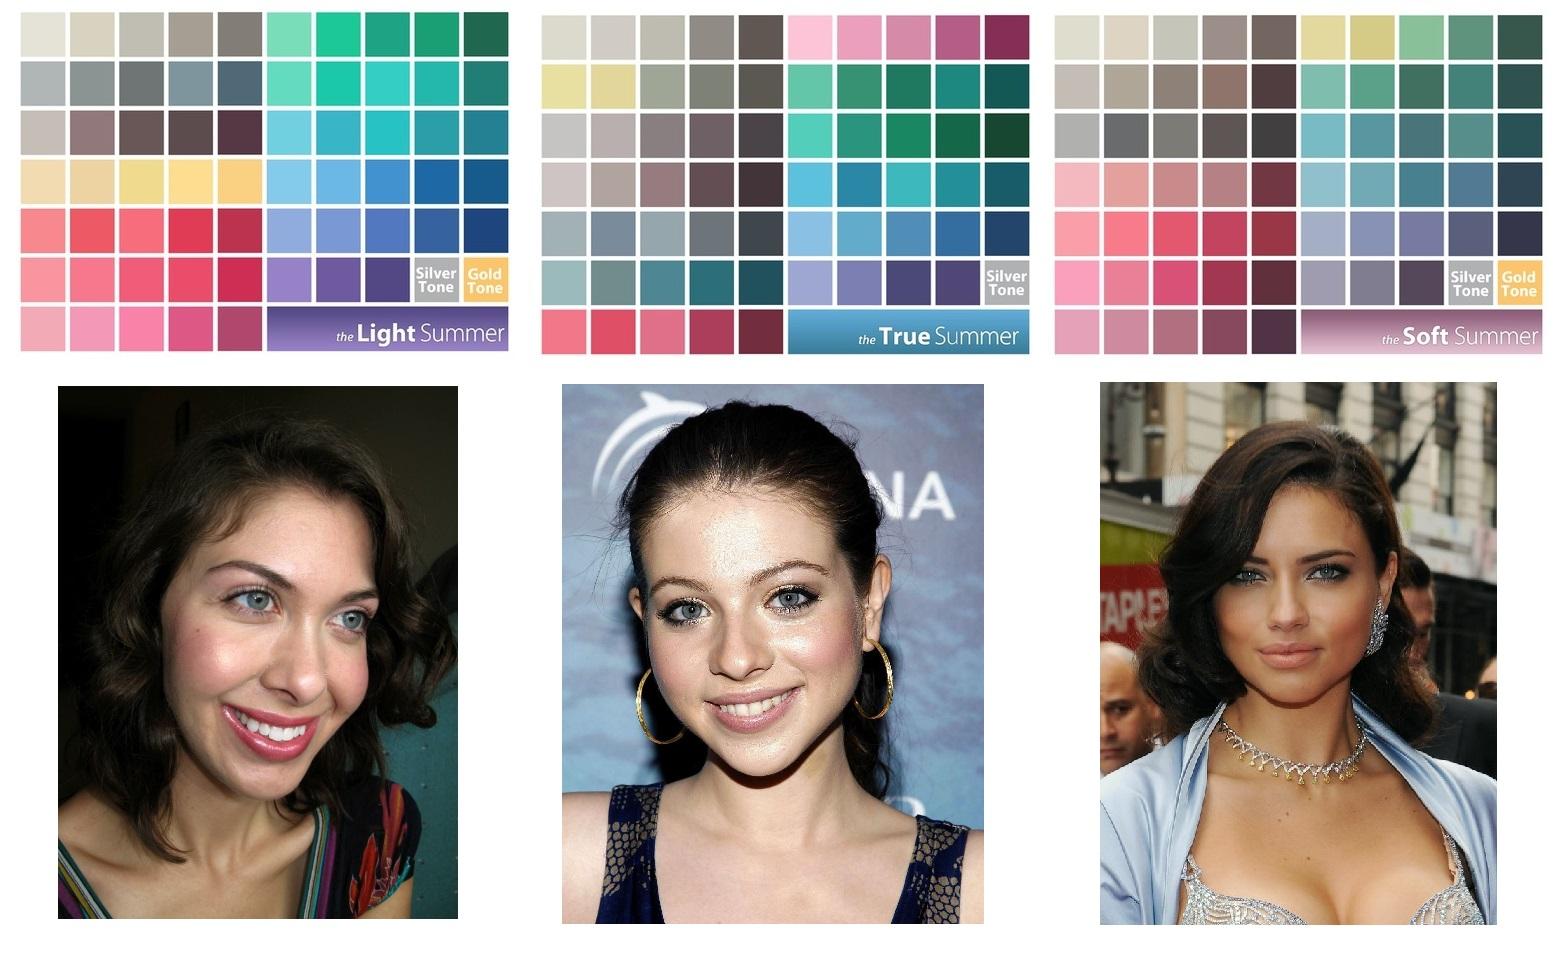 Цвет волос контрастное лето